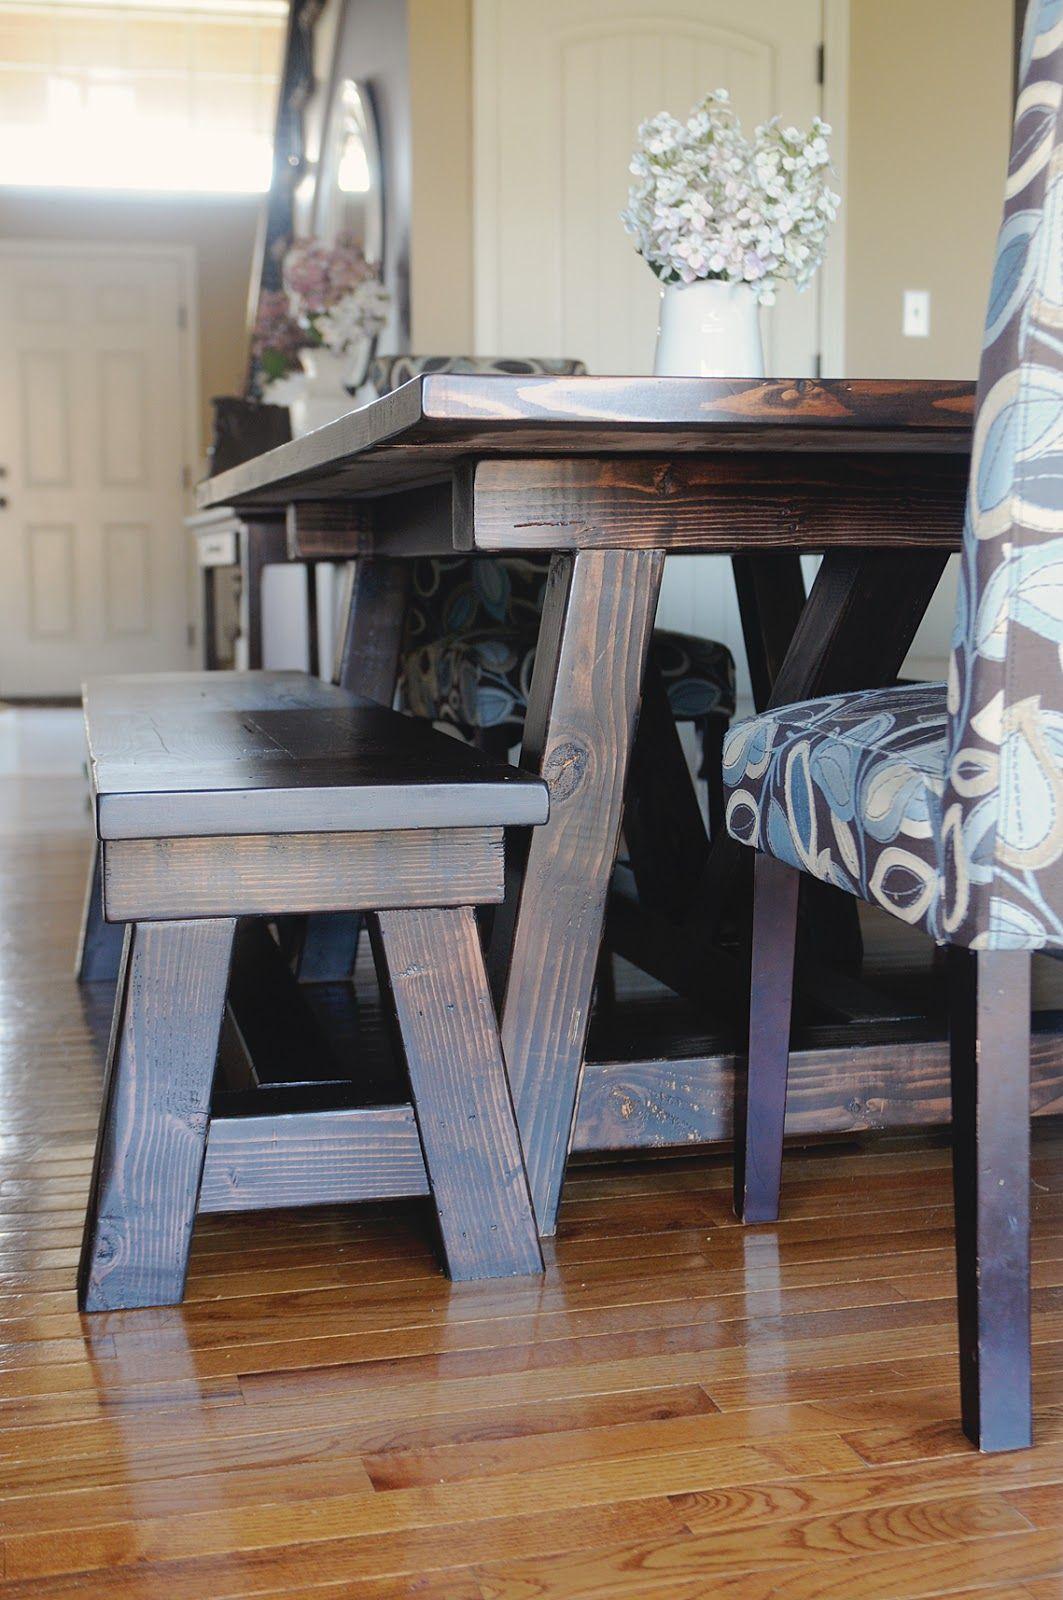 My 4 Misters & Their Sister DIY Handmade Farmhouse Table